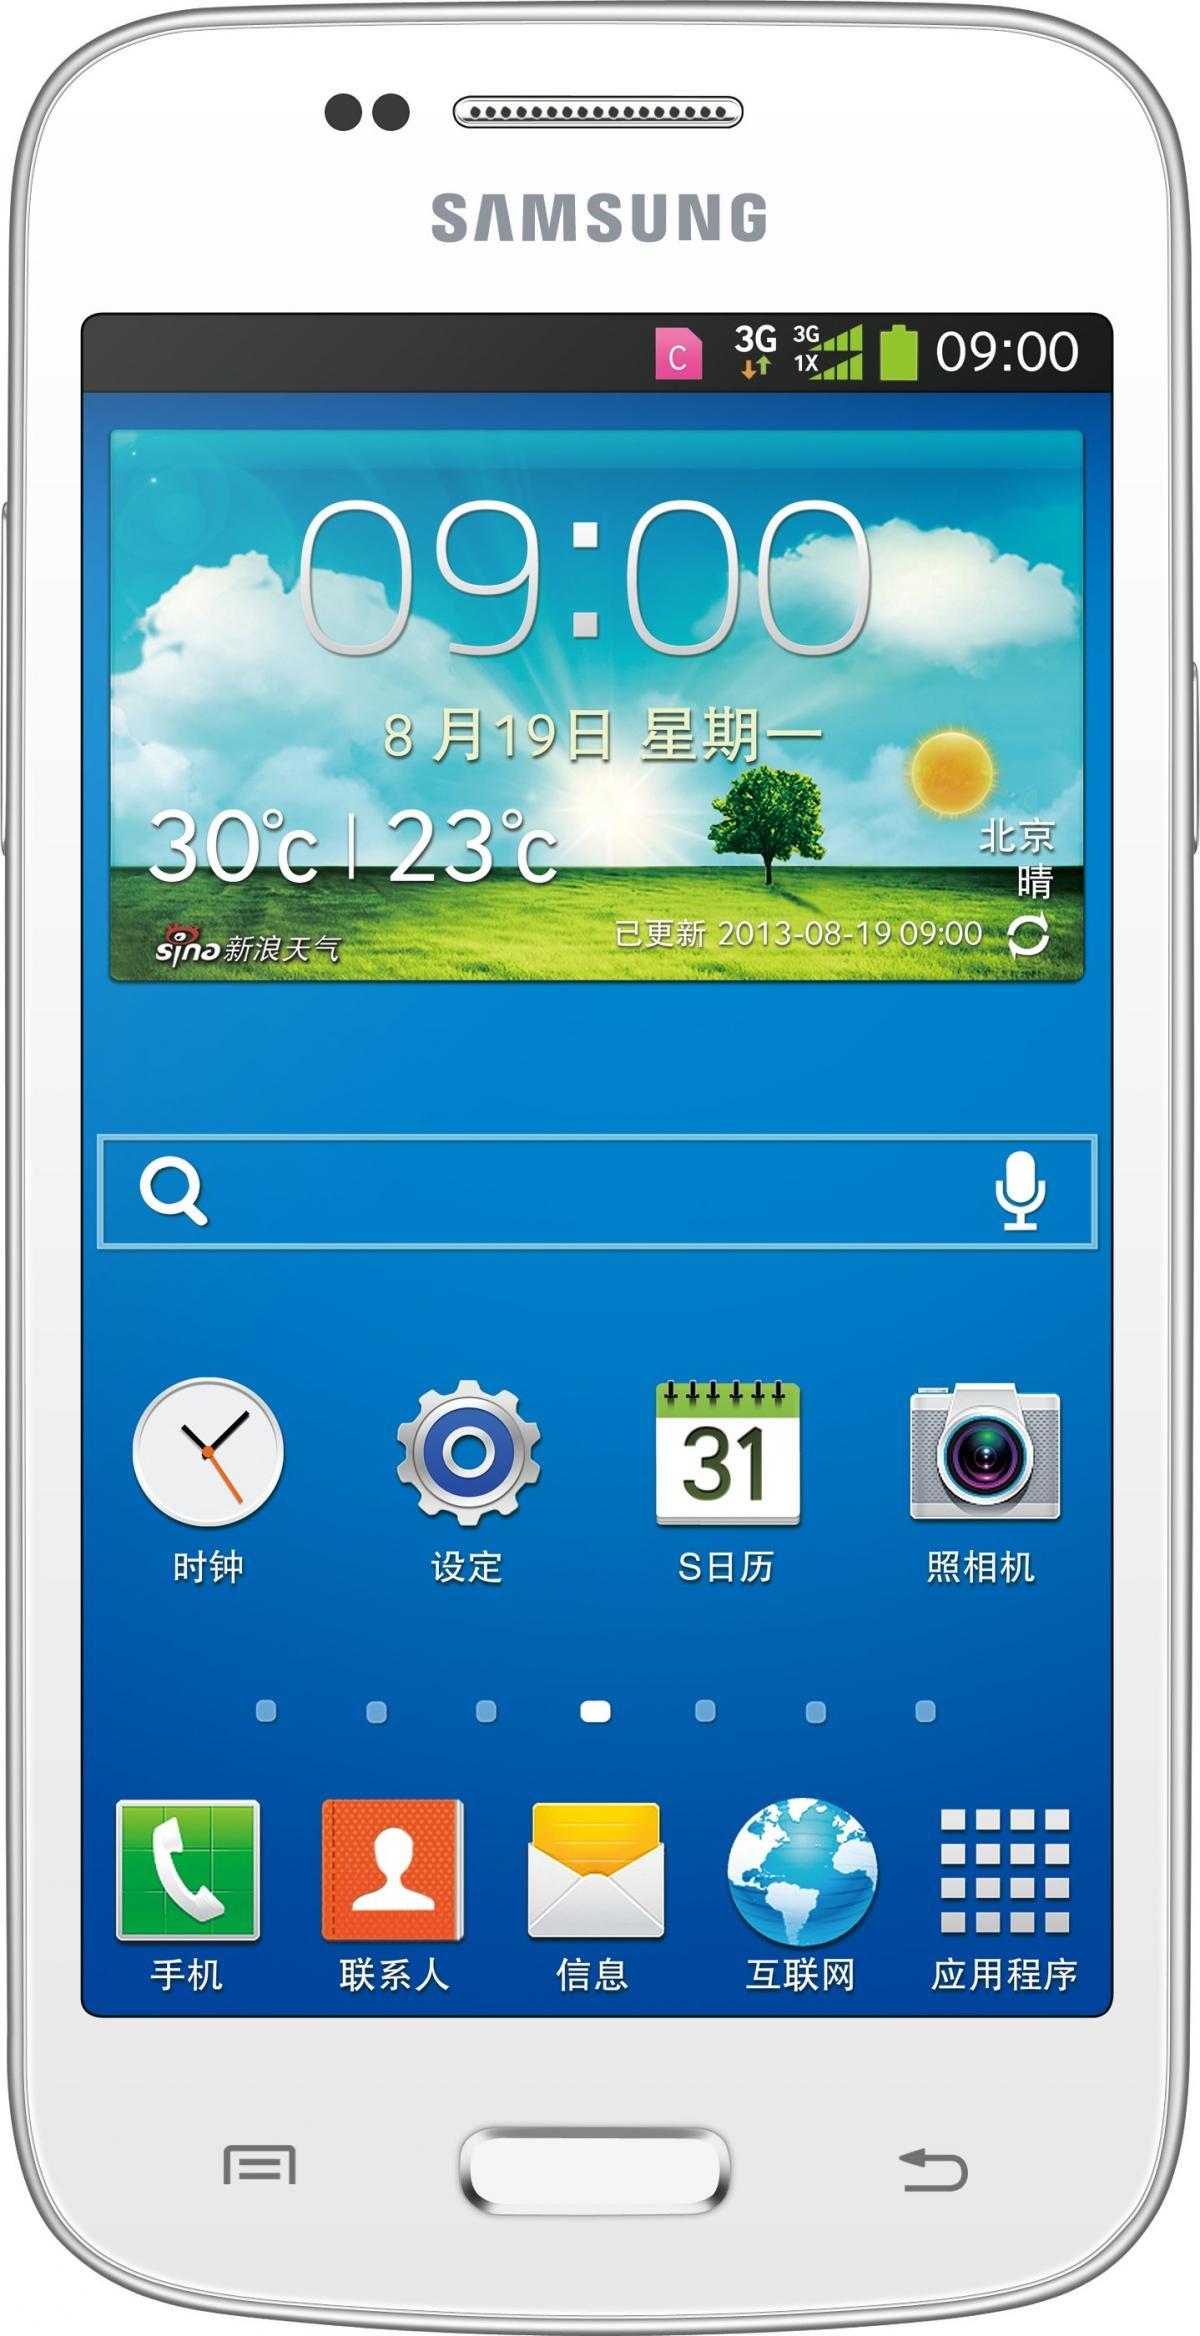 Galaxy Trend 3 SM-G3509